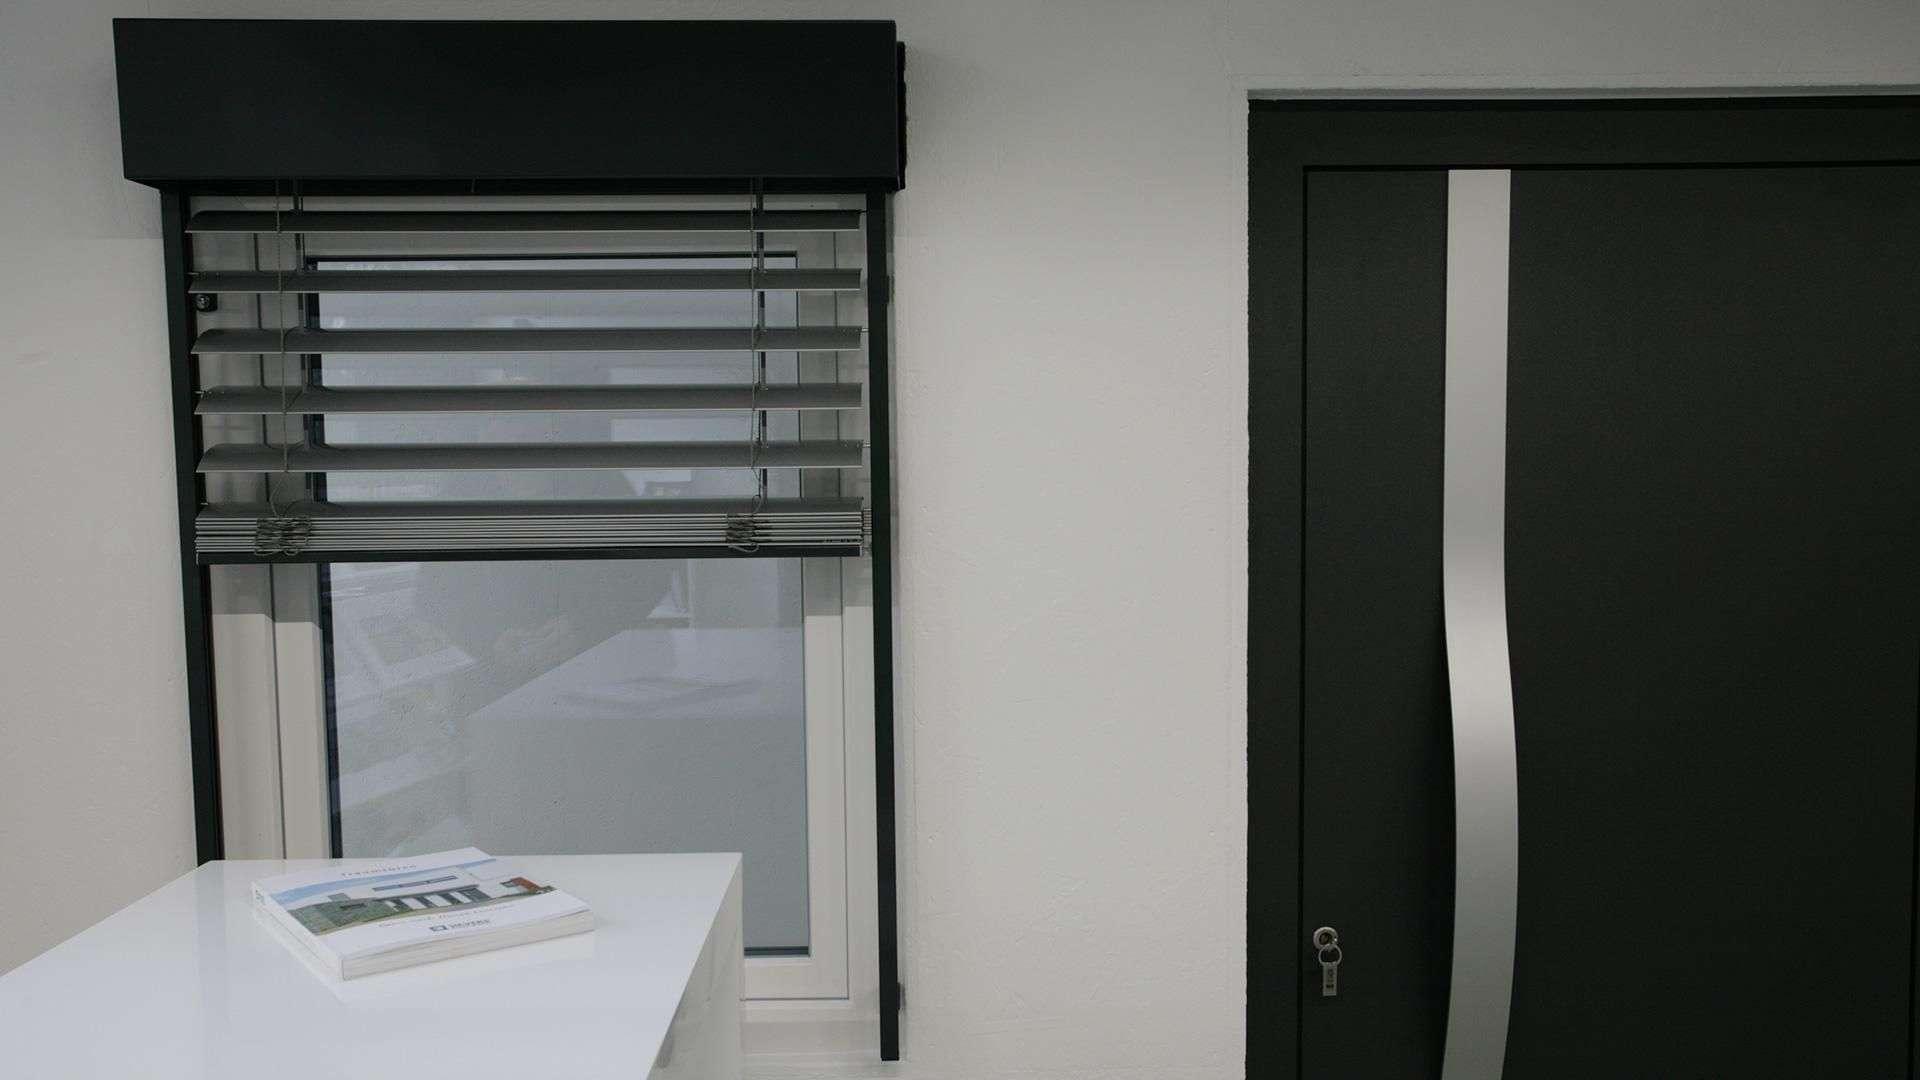 Fenster mit Rollo neben einer Haustür in der Ausstellung von Sievers in Haßbergen